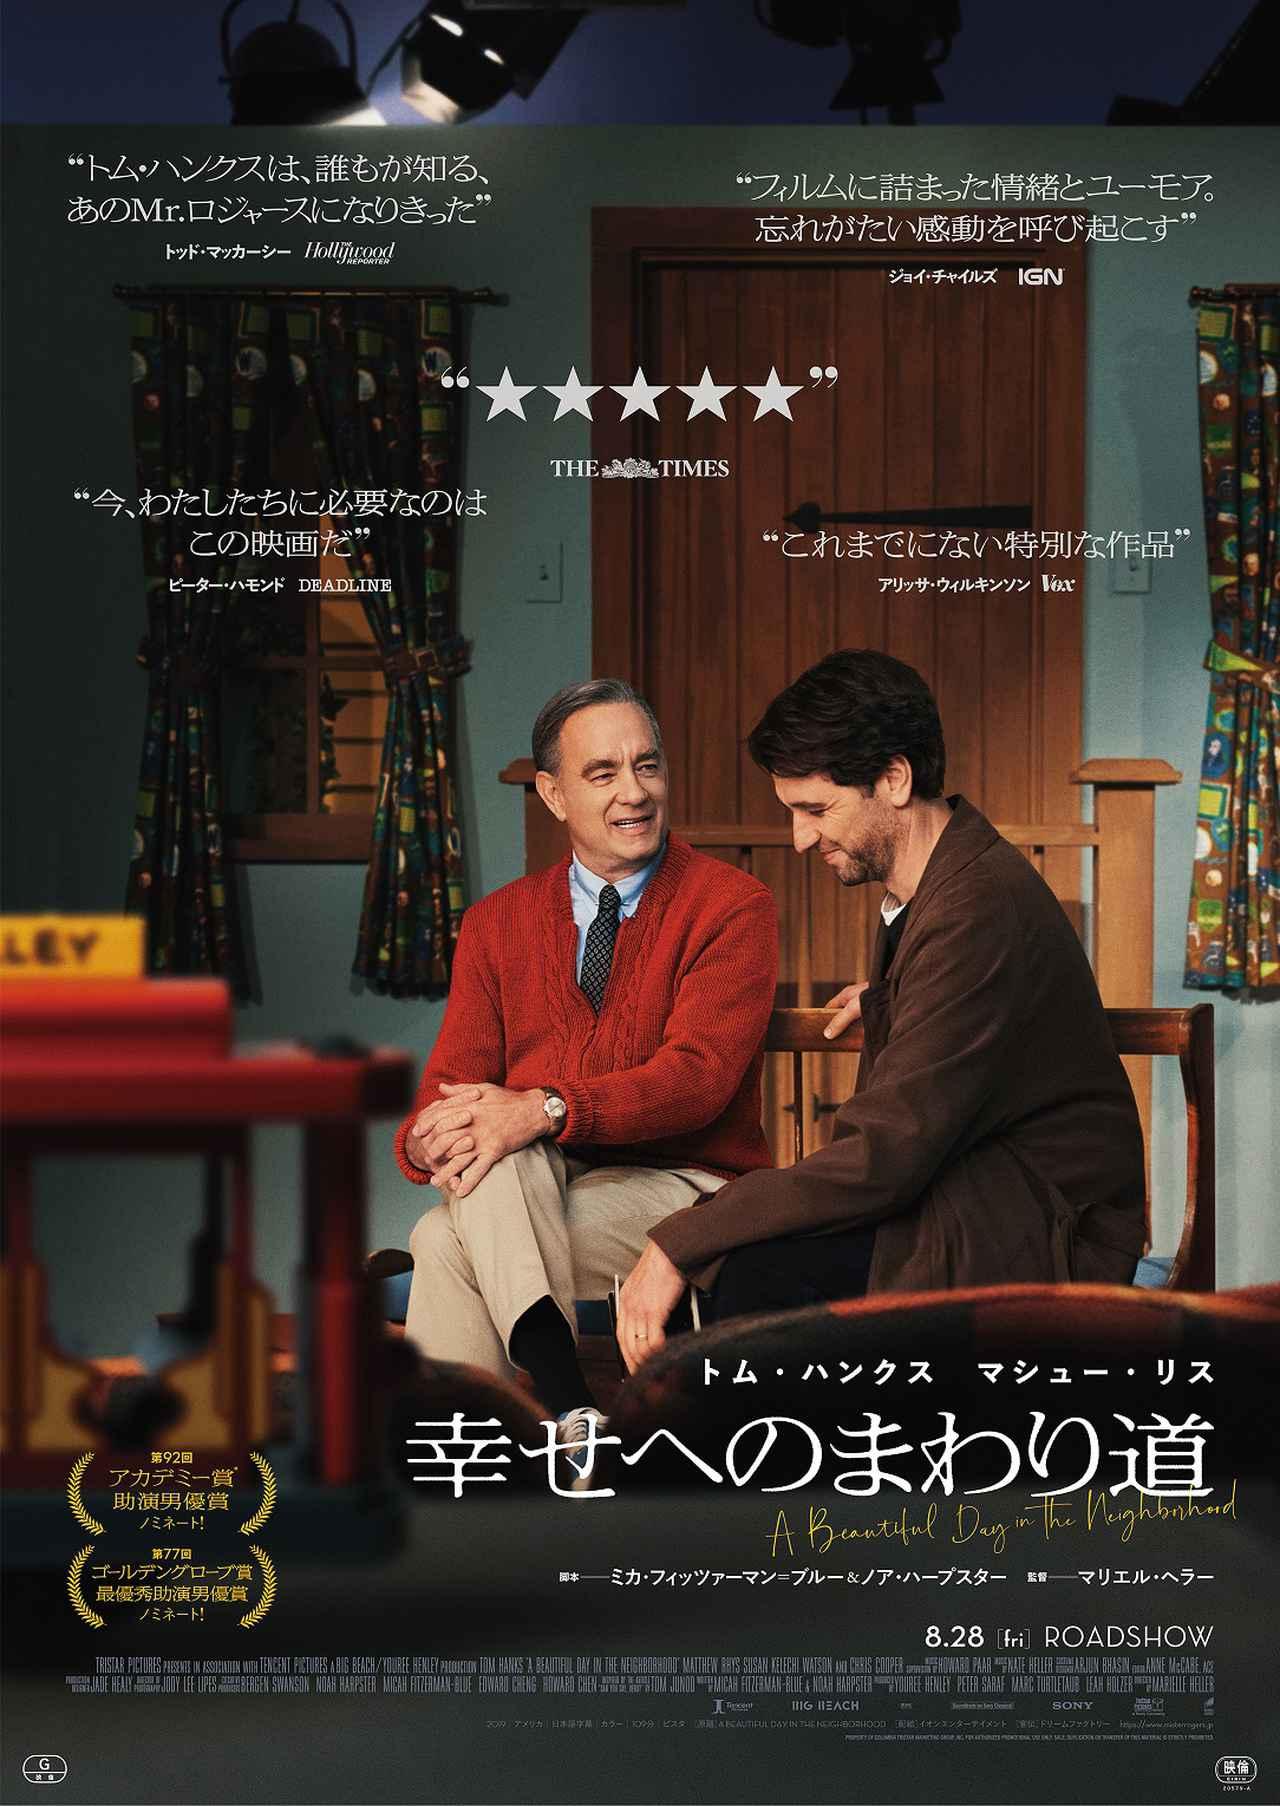 画像1: トム・ハンクス主演最新作『幸せへのまわり道』が8/28(金)公開決定